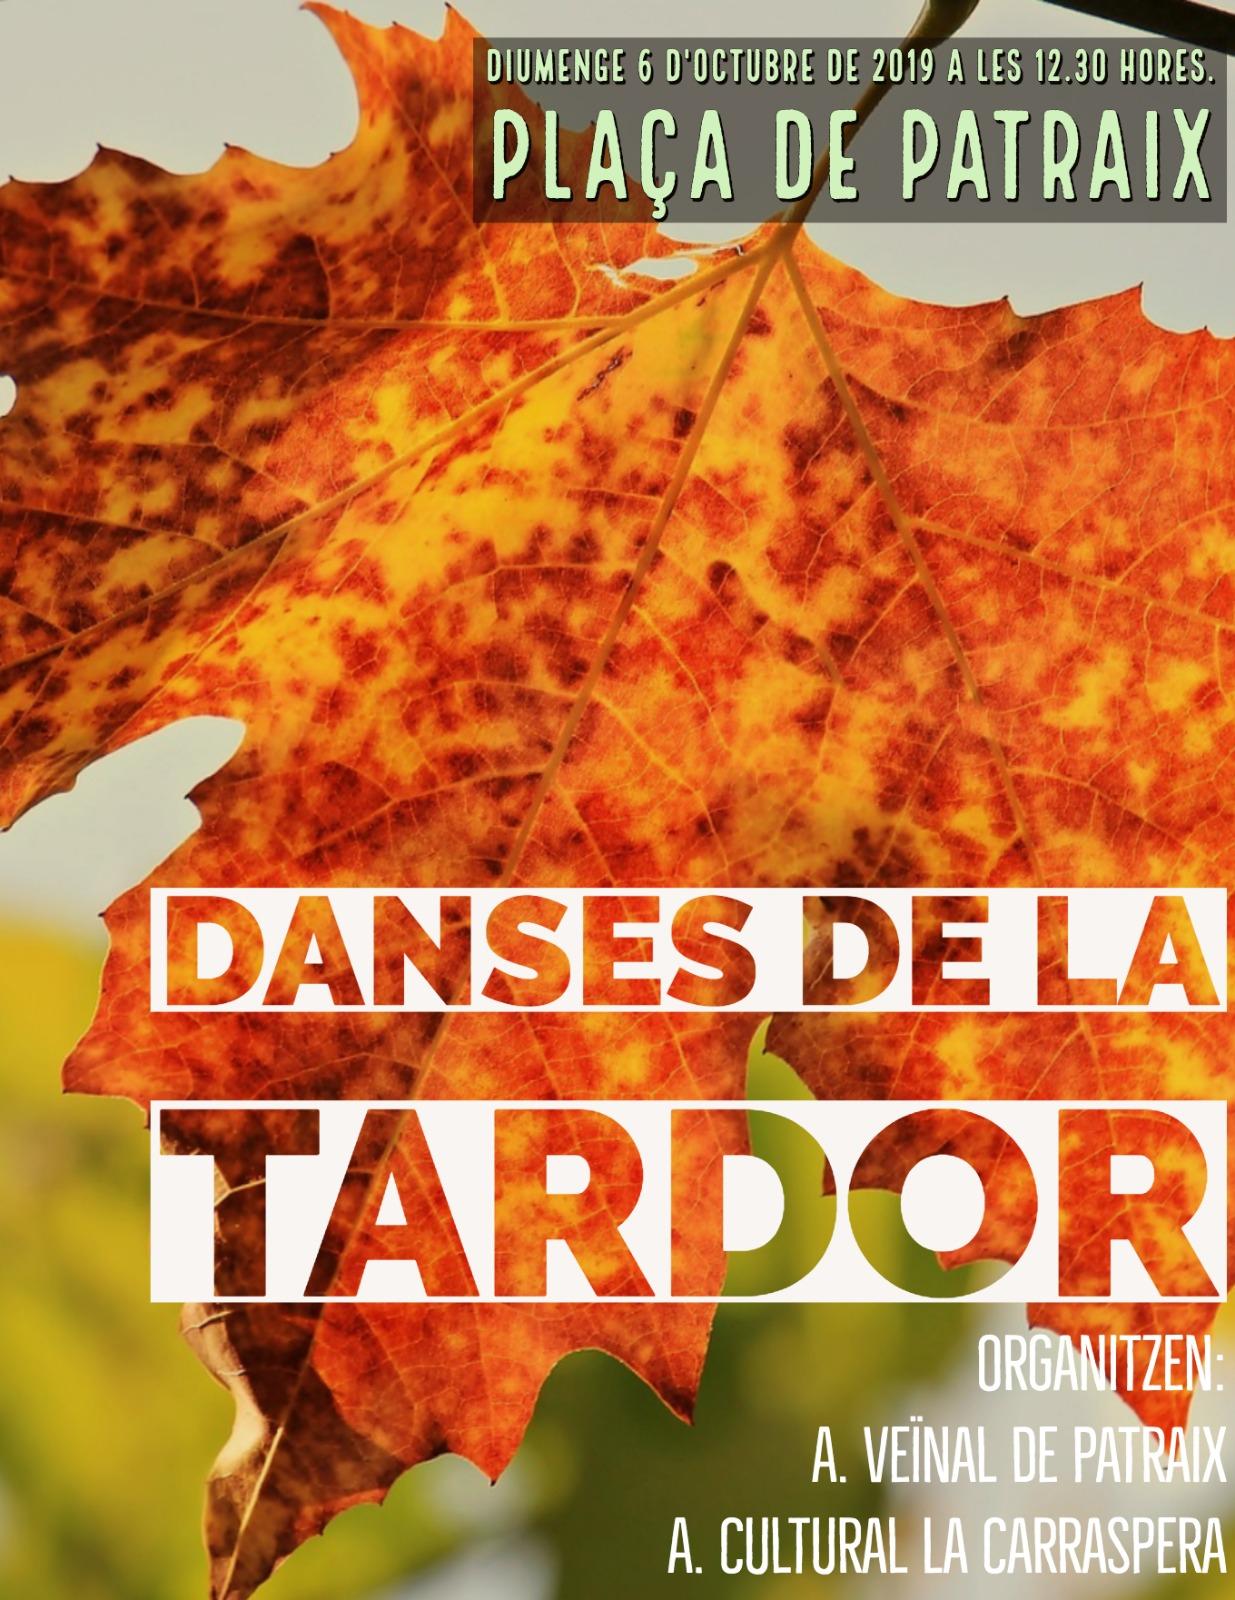 Domingo con encuentro de paellas, Dança de la Tardor, concurso de disfraces y circo en las Fiestas Populares de Patraix